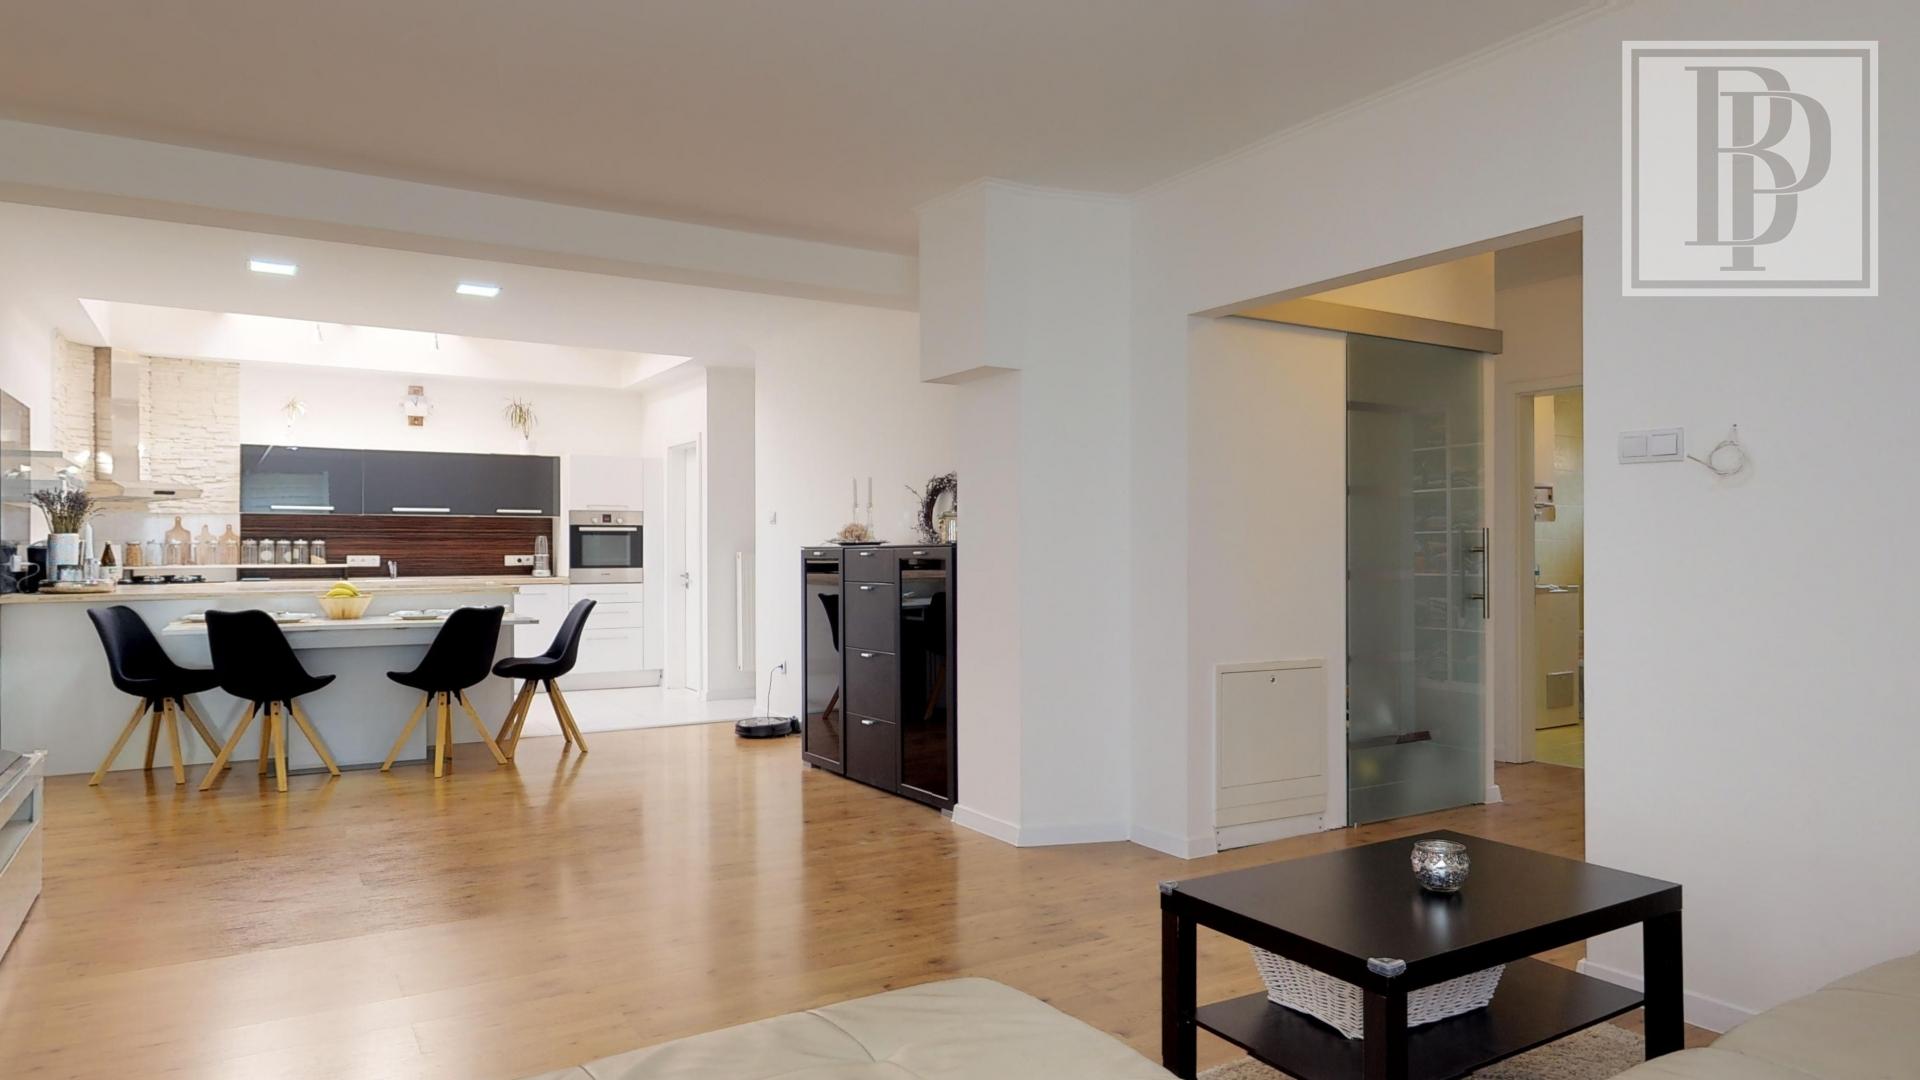 5-izbovy-rodinny-dom-Remax-06122019_144334